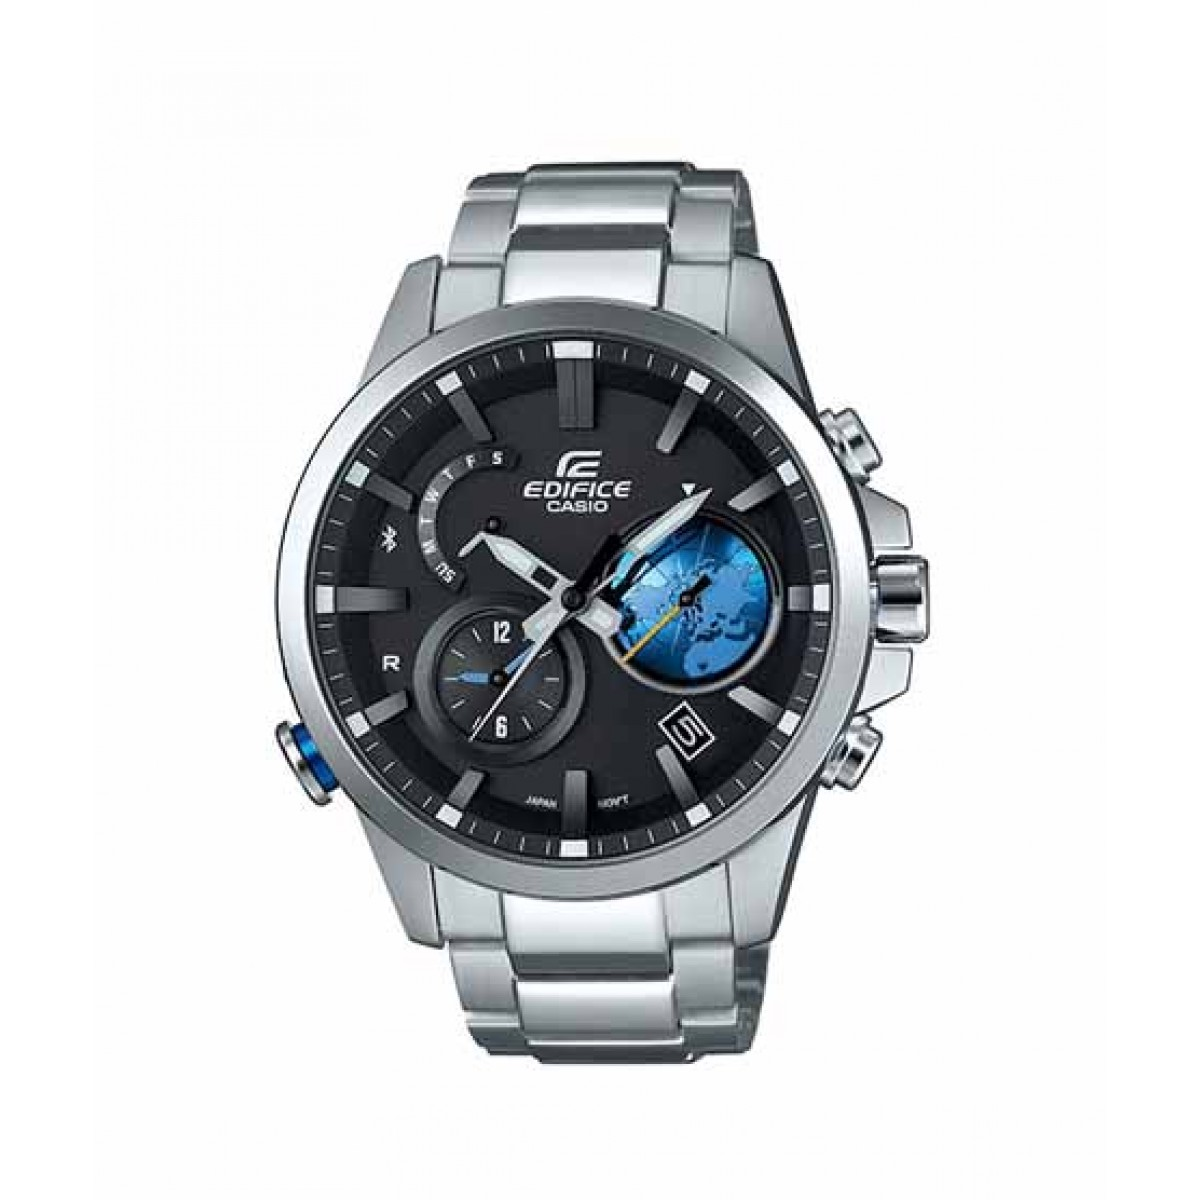 3fcd4cae3c60 Casio Edifice Men s Watch (EQB600D-1A2) Price in Pakistan